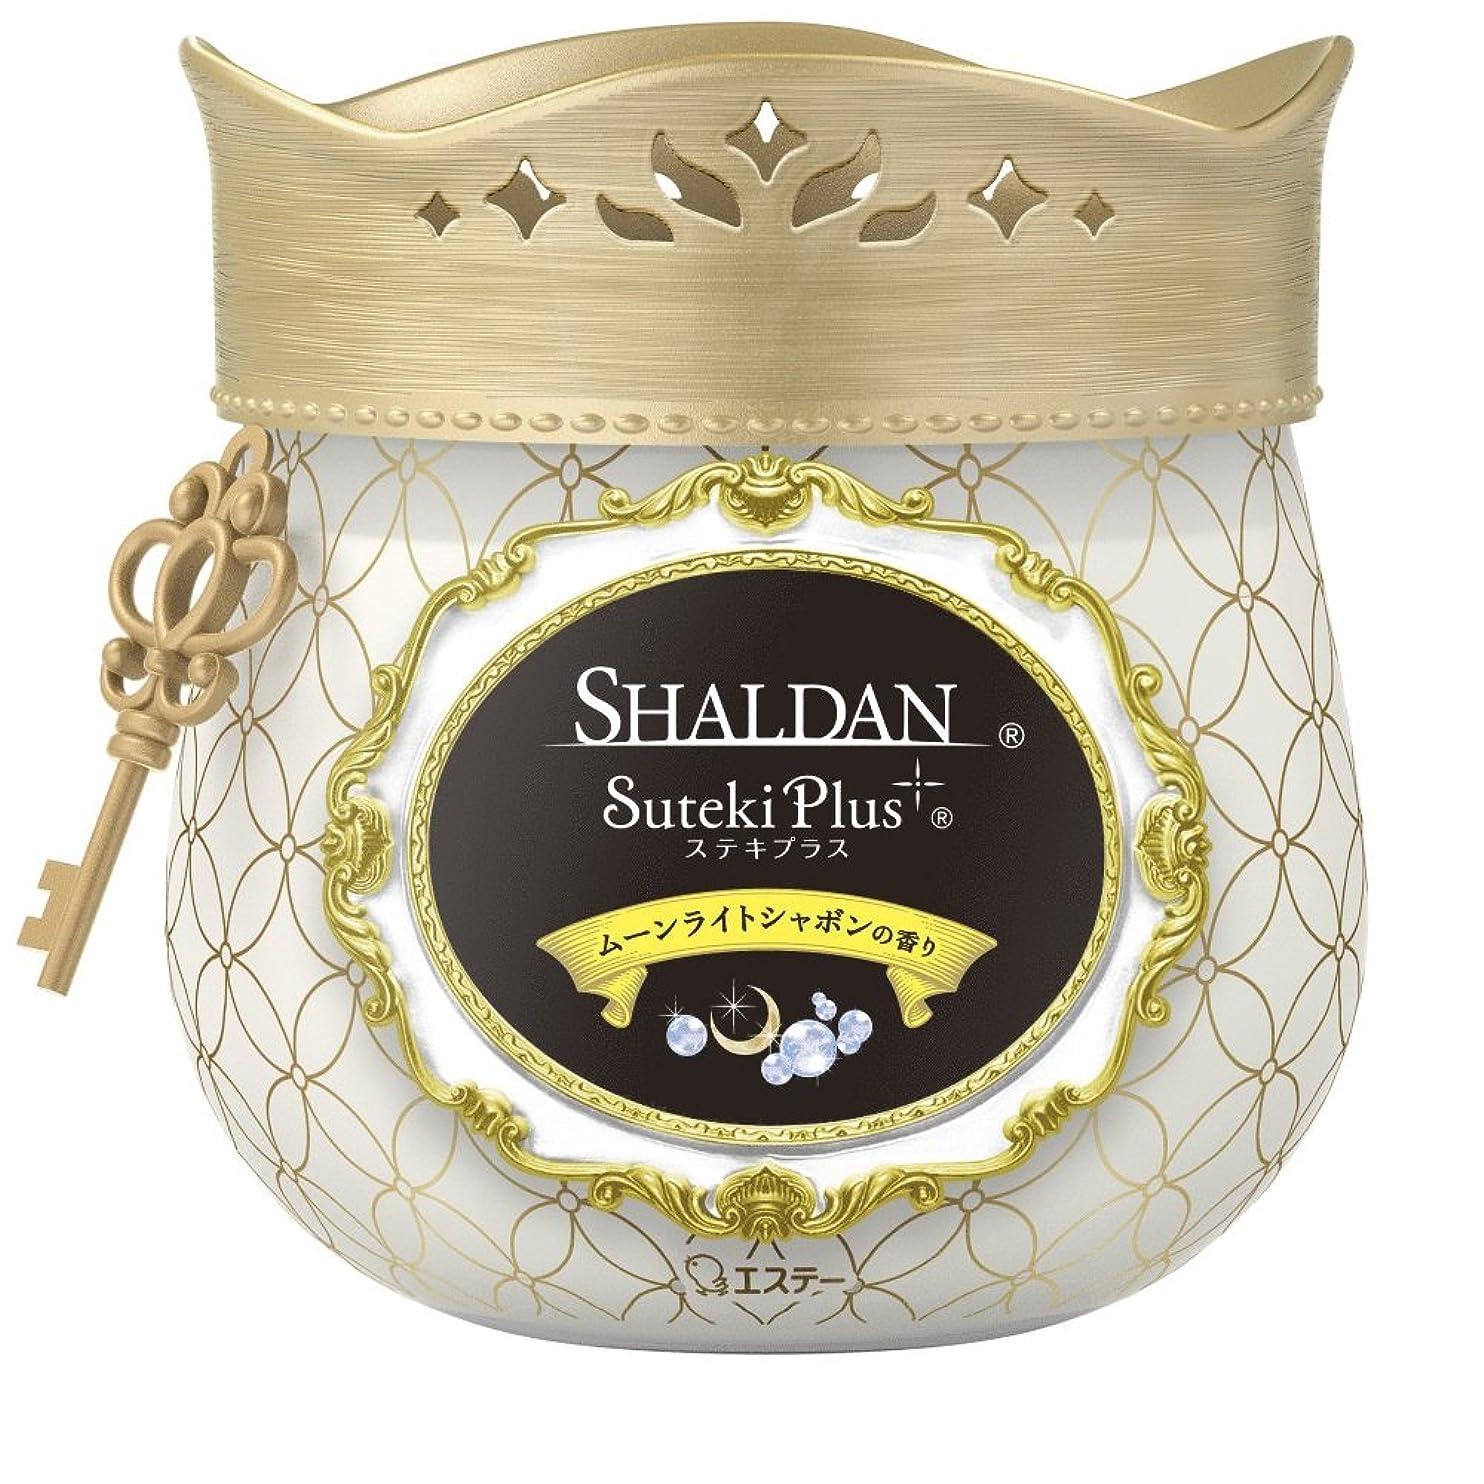 よろめくガソリンよろめくシャルダン SHALDAN ステキプラス 消臭芳香剤 部屋用 部屋 玄関 ムーンライトシャボンの香り 260g